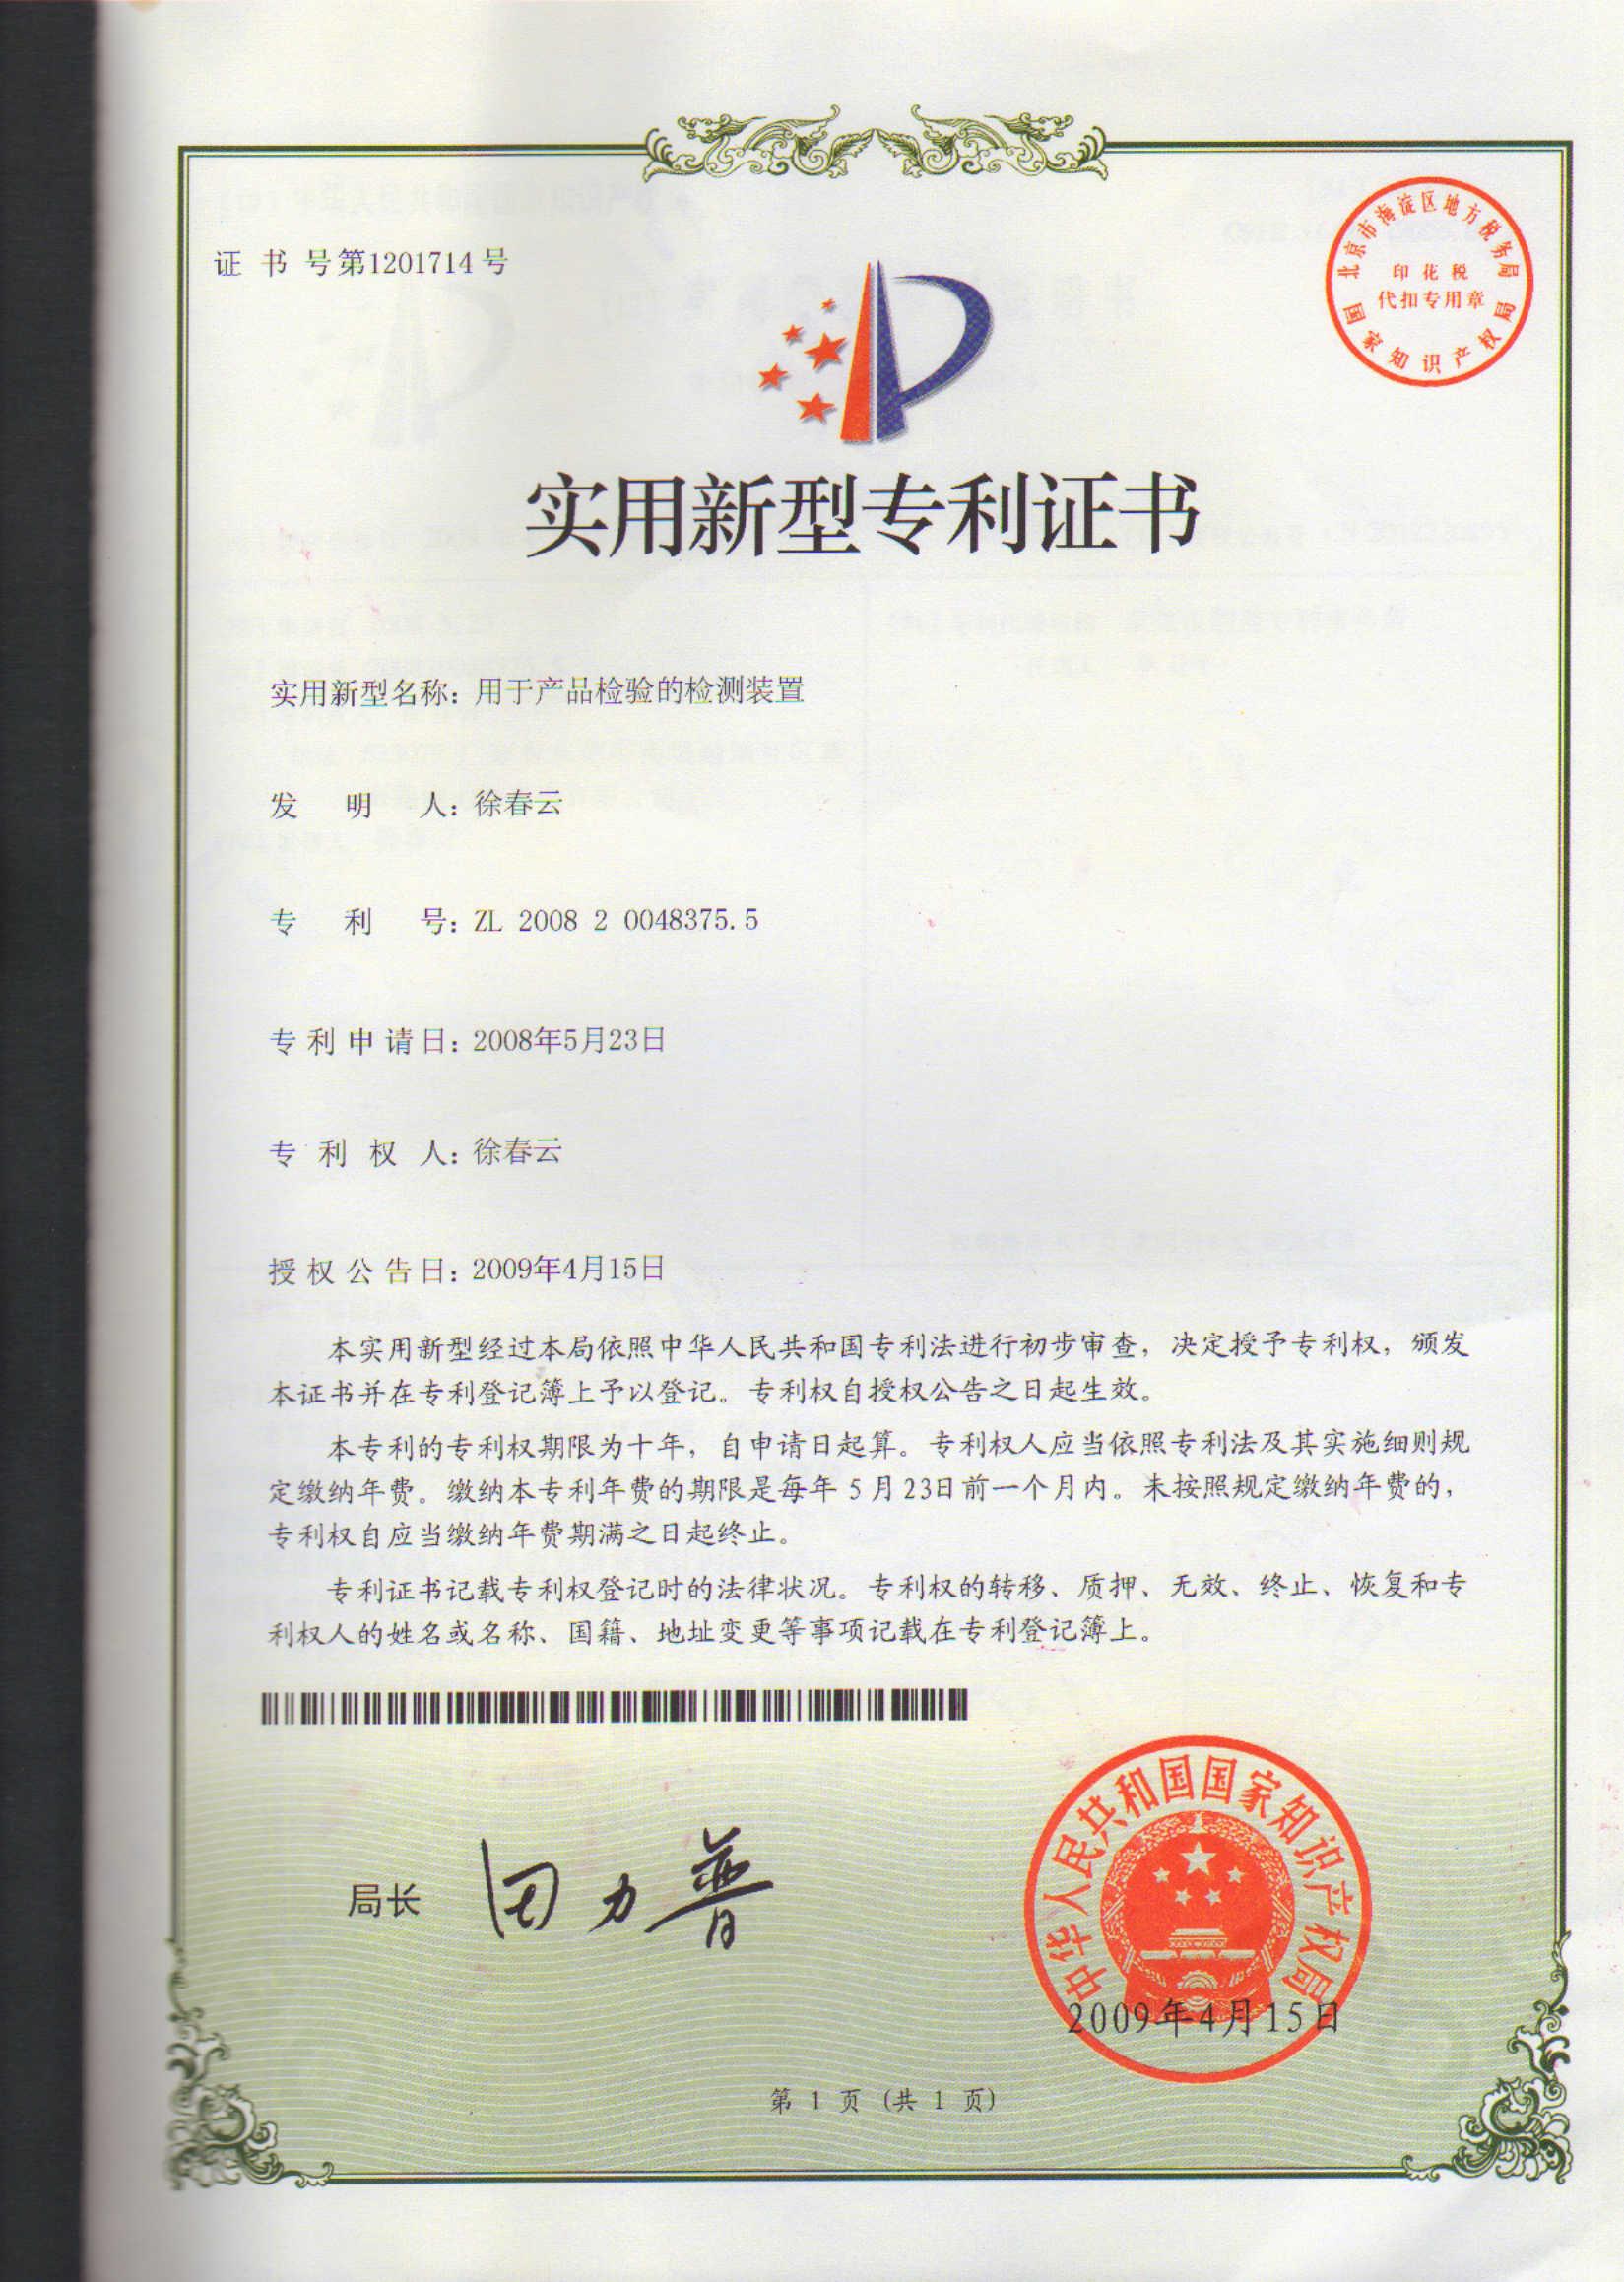 用于产品检验的检测装置专利证书